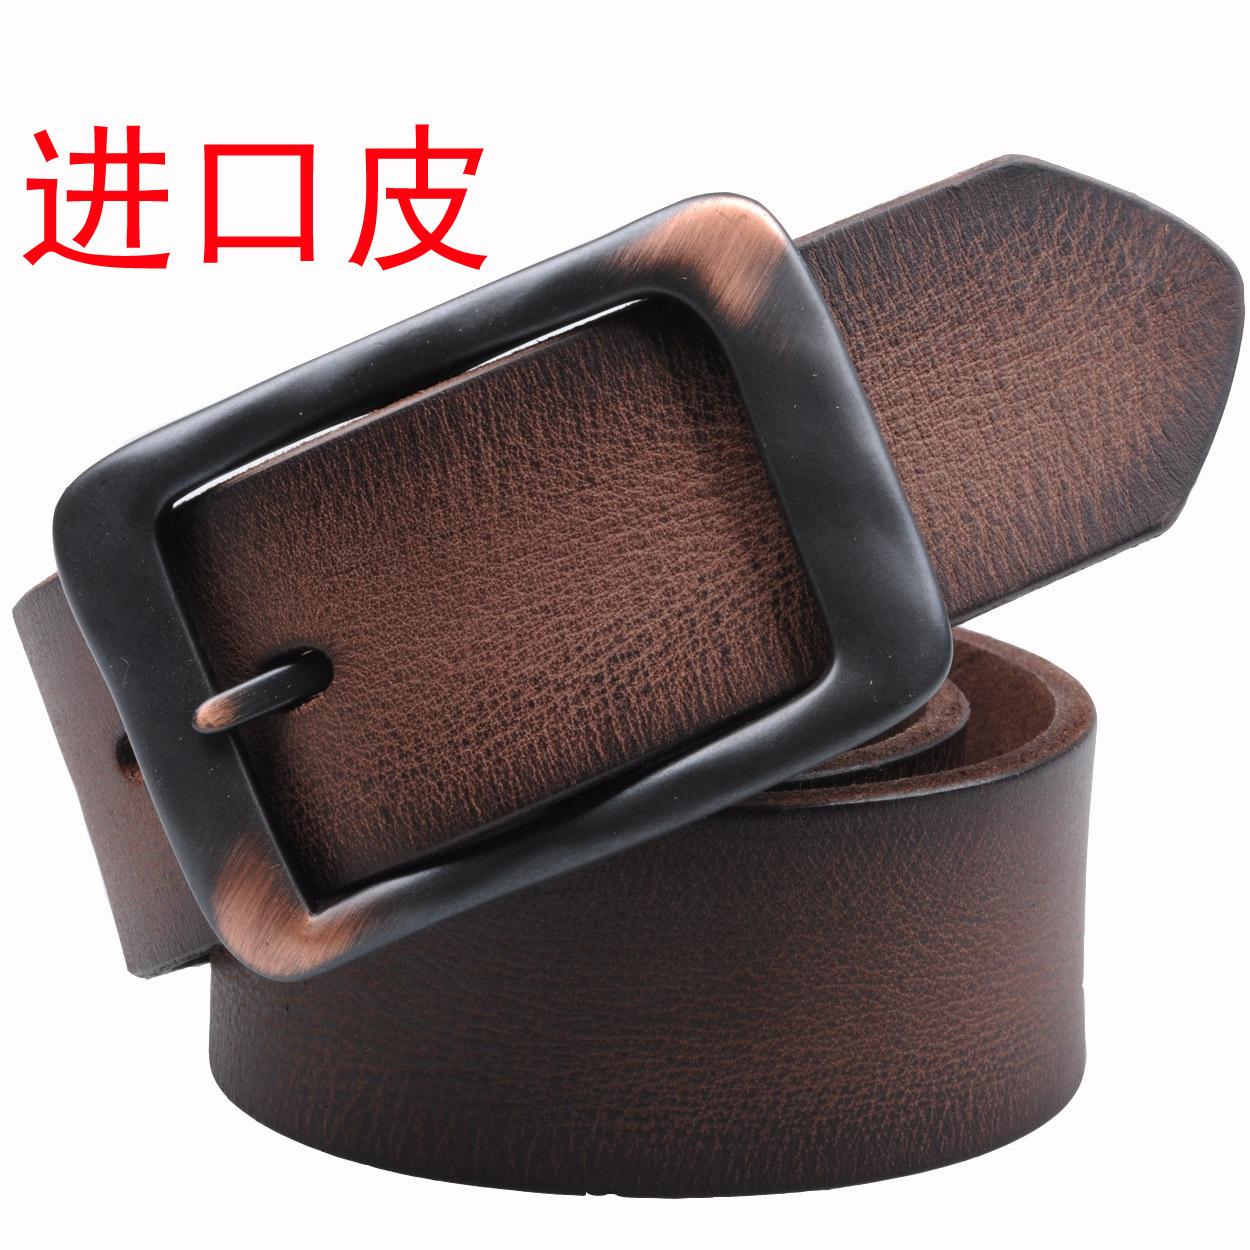 Широкий кожаный ремень Ремни мужские ремни корейской версии чистой натуральной замши кожи пояса кожаные мужские ремни ремни мужские